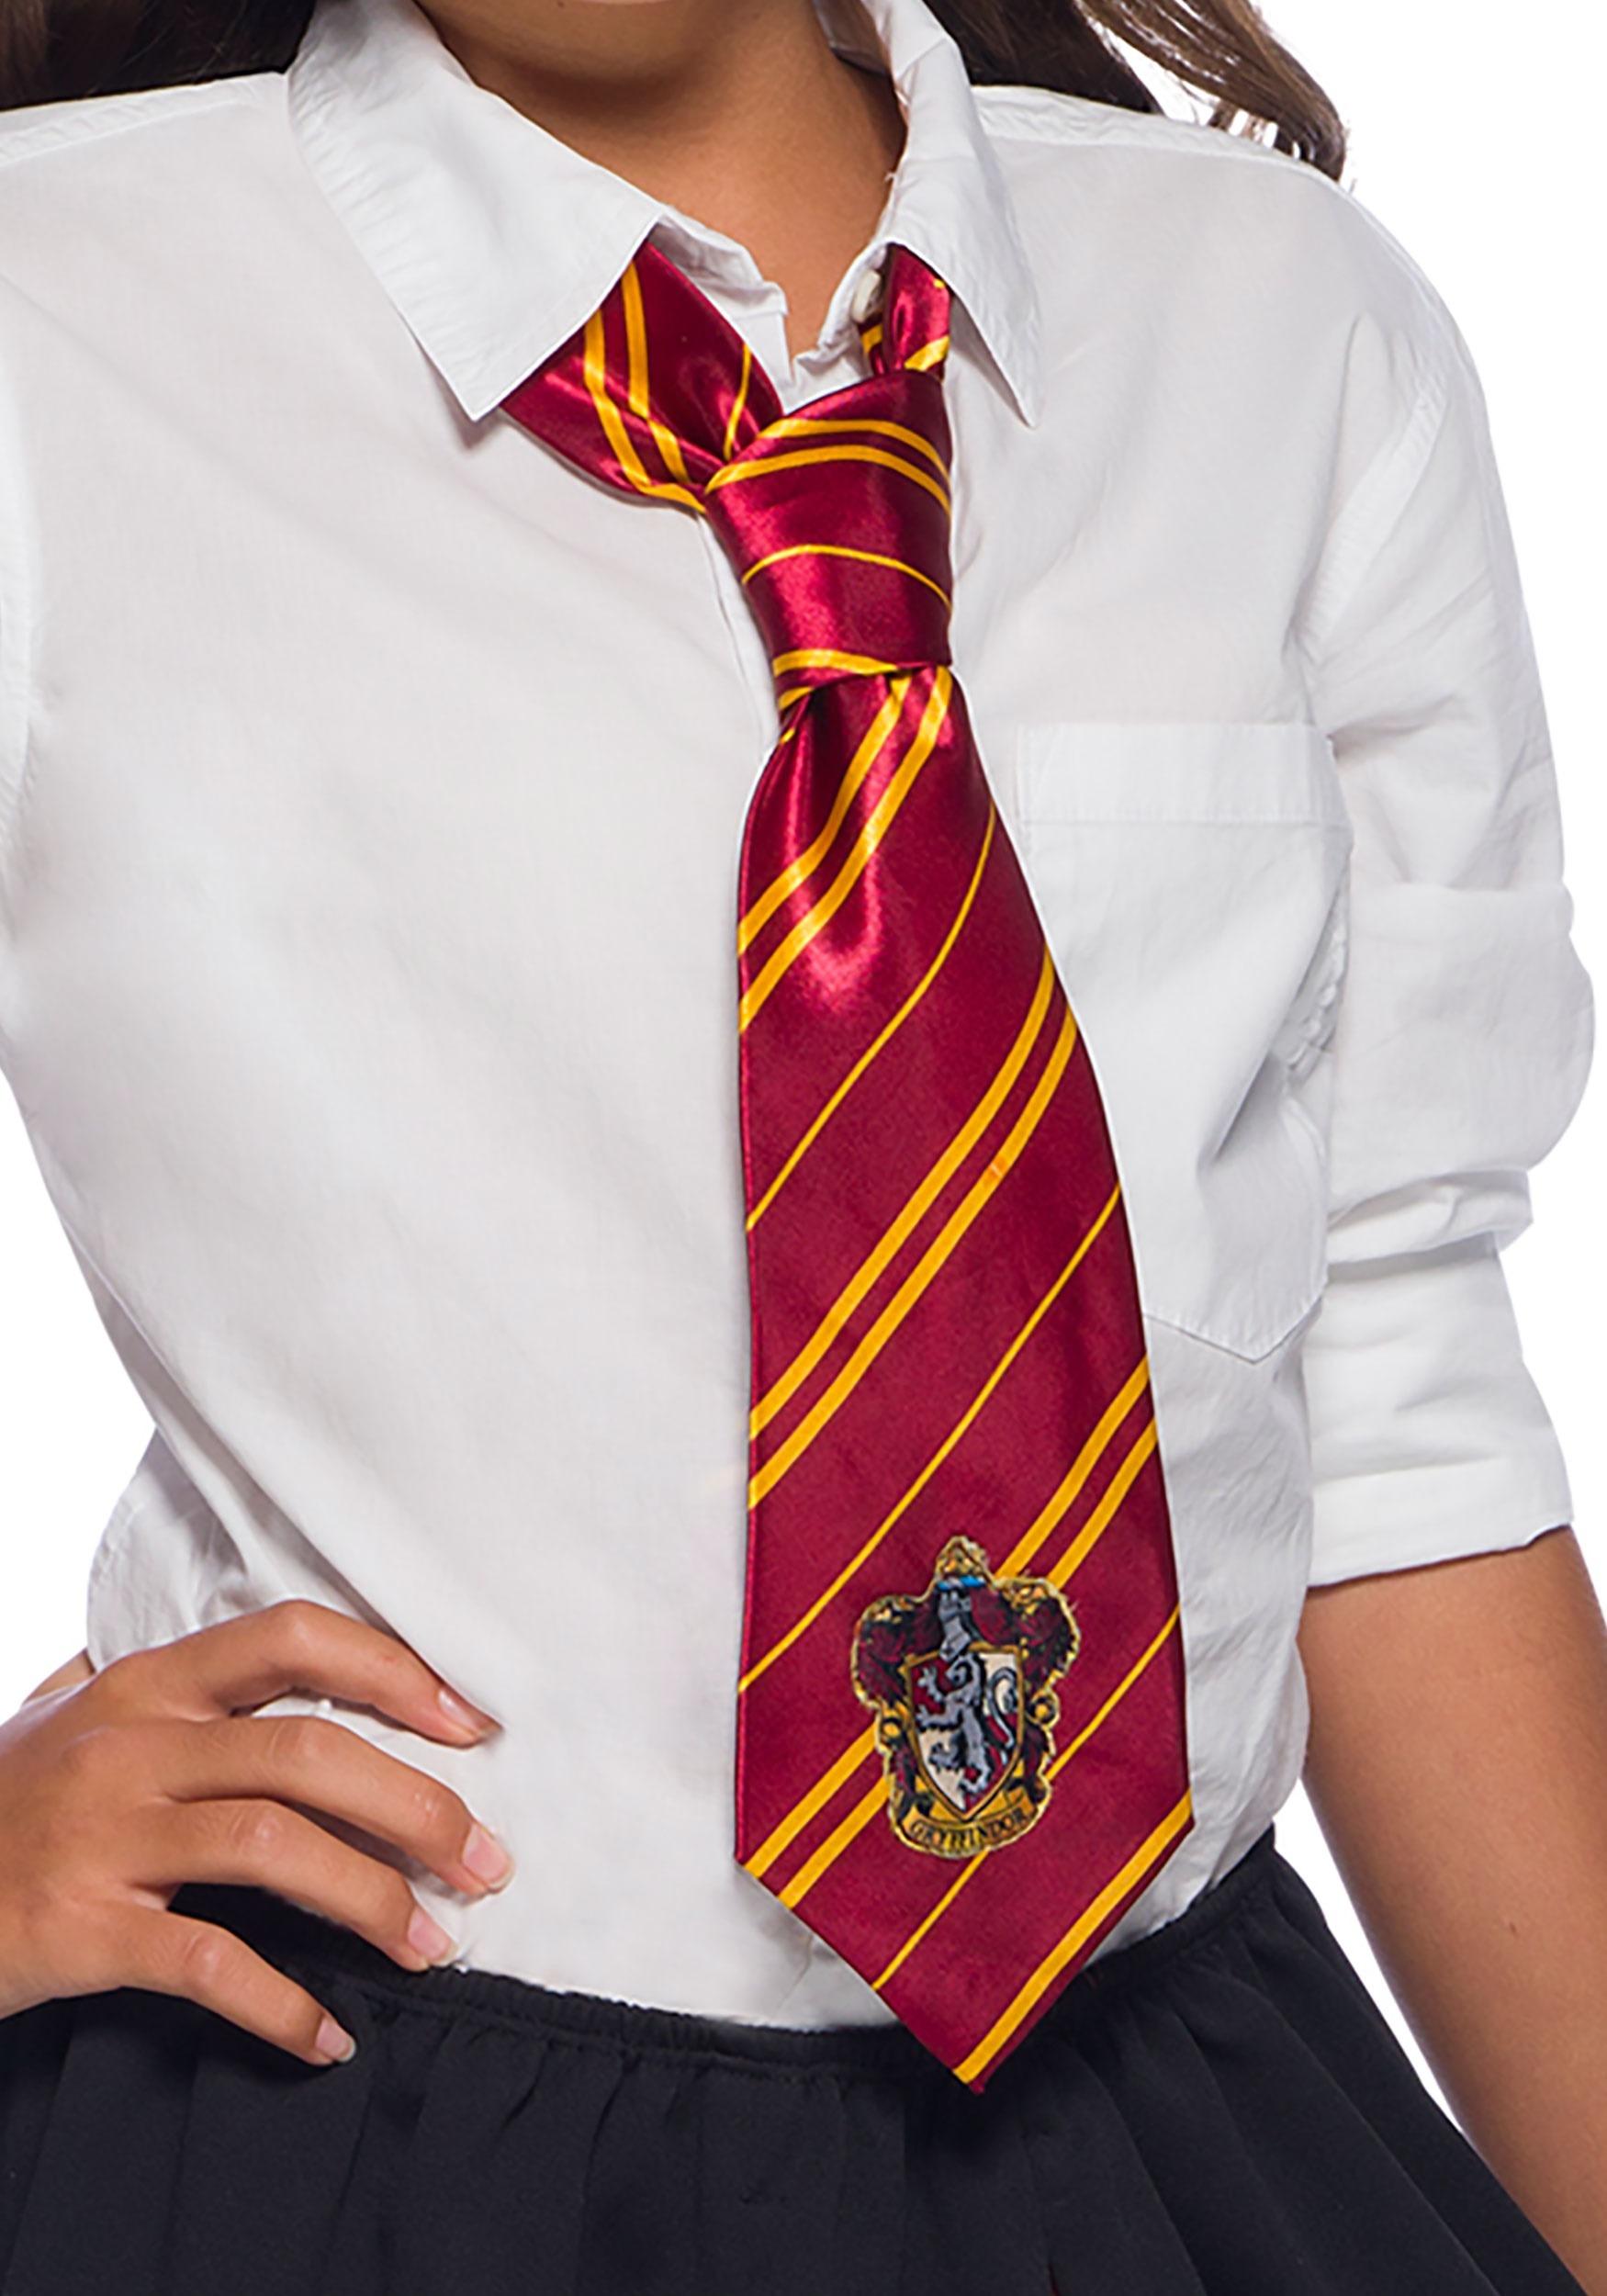 Harry Potter Gryffindor Tie with Emblem